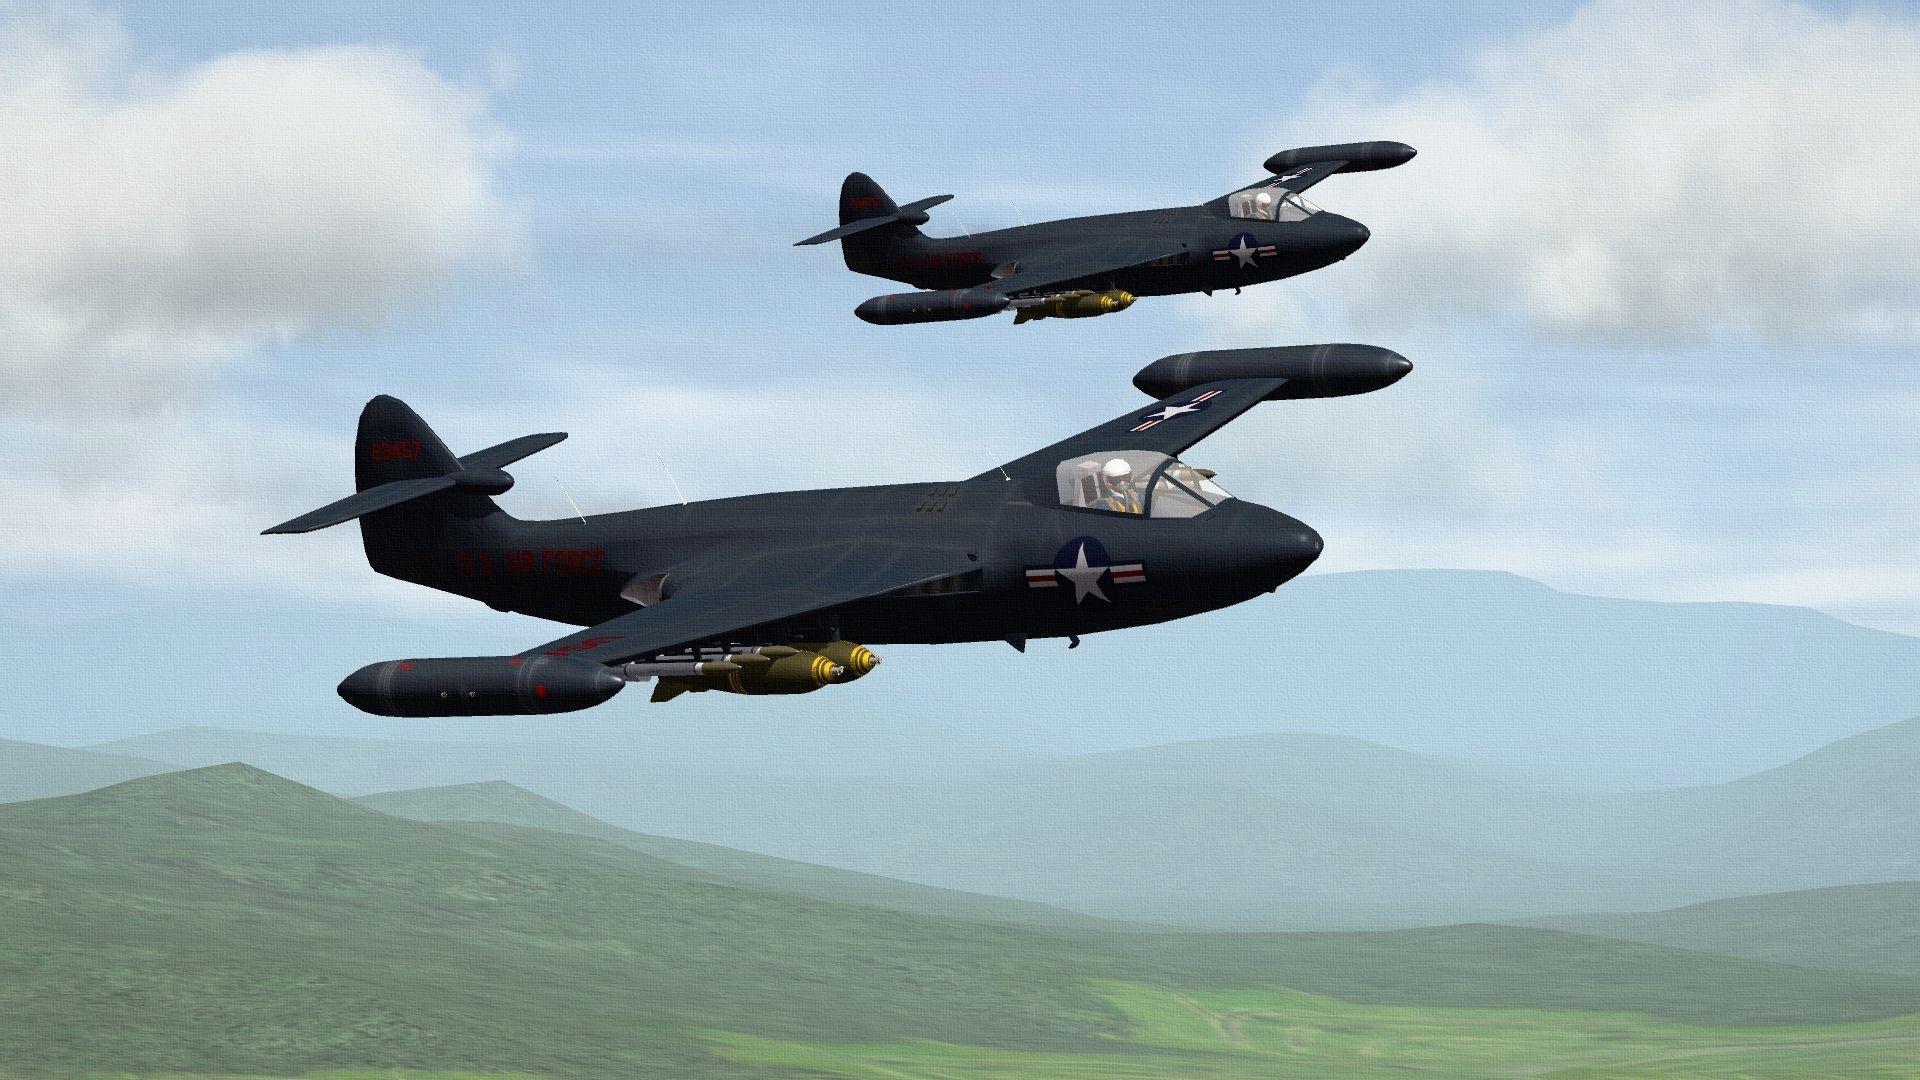 USAF%20F-87C%20NIGHTHAWK.03_zpsm4eiwcvj.